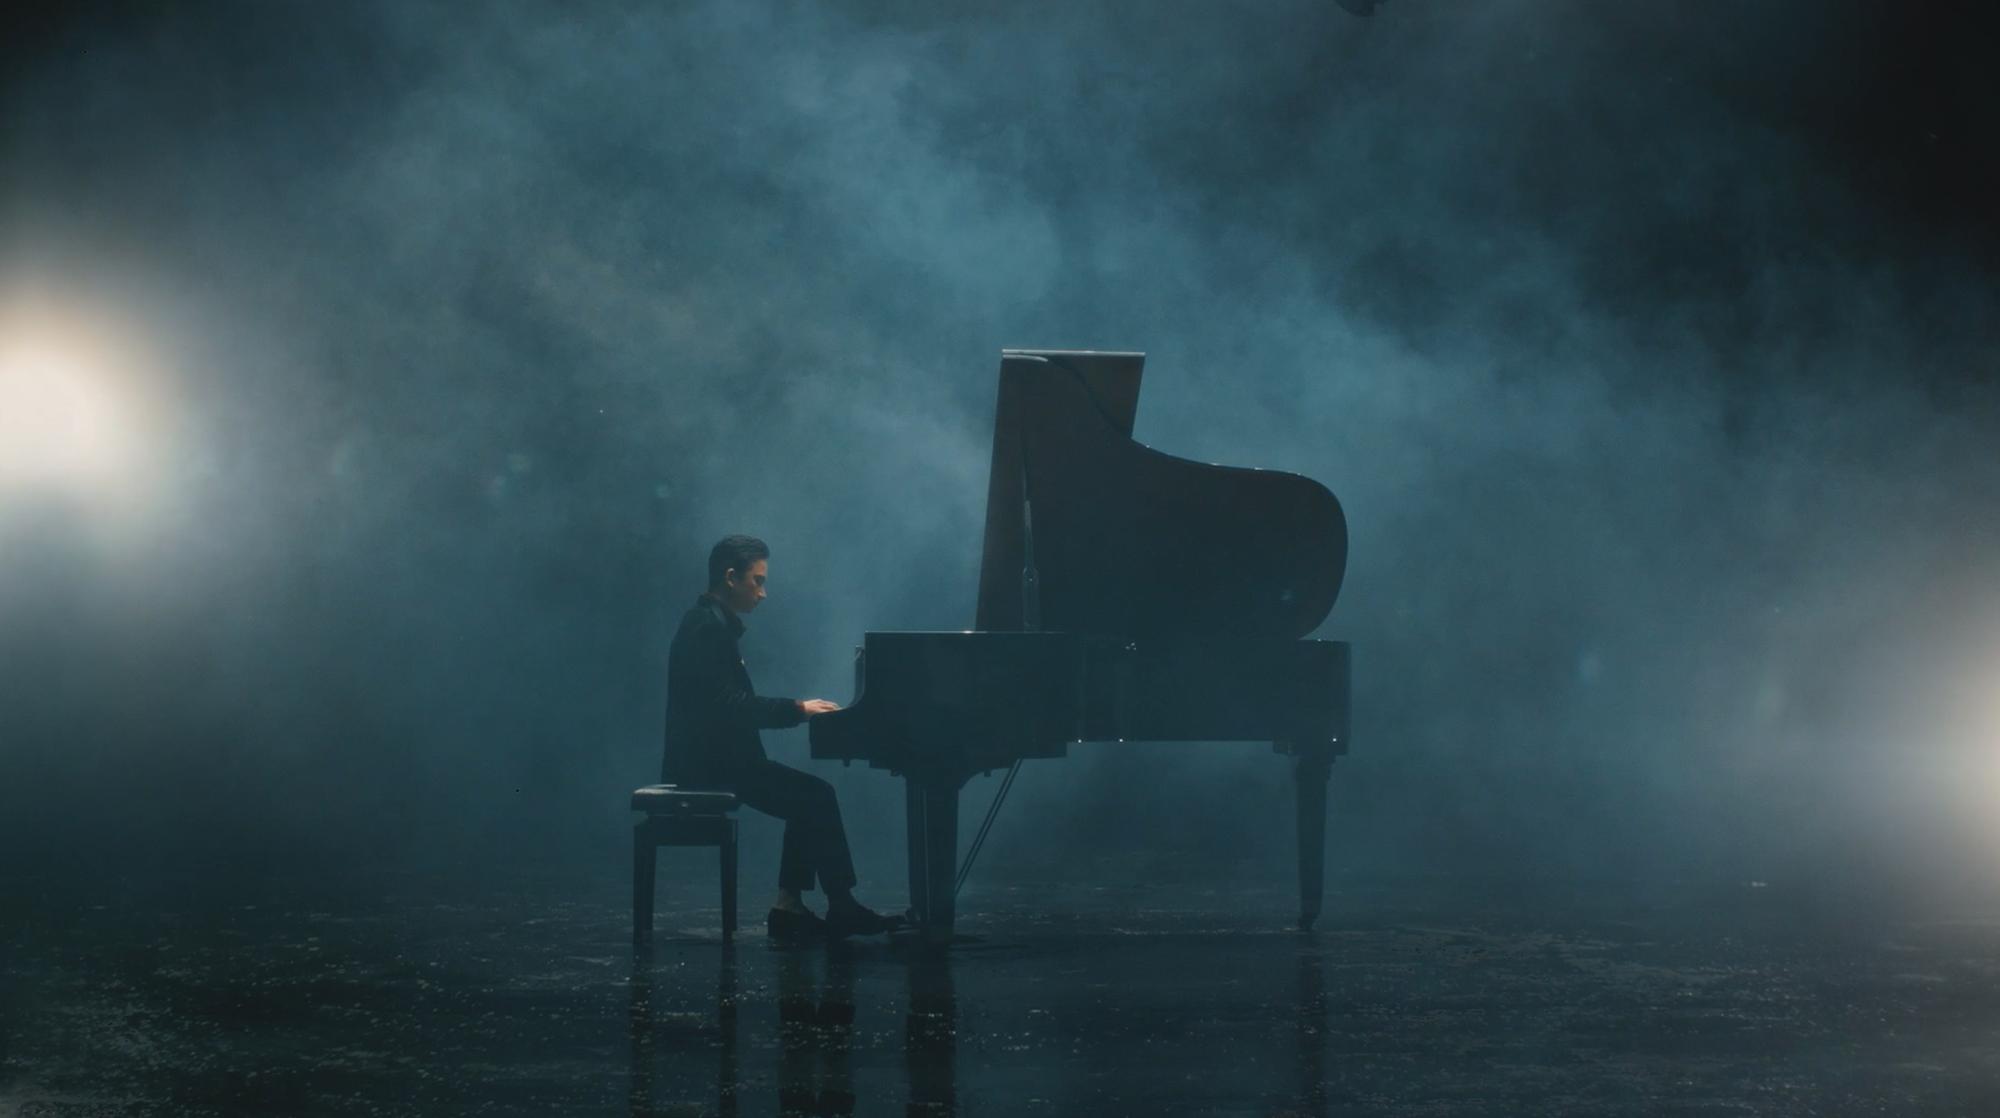 Kết hợp với Karik đưa rap vào ca khúc, Phan Mạnh Quỳnh khiến người hâm mộ đứng ngồi không yên - Ảnh 1.